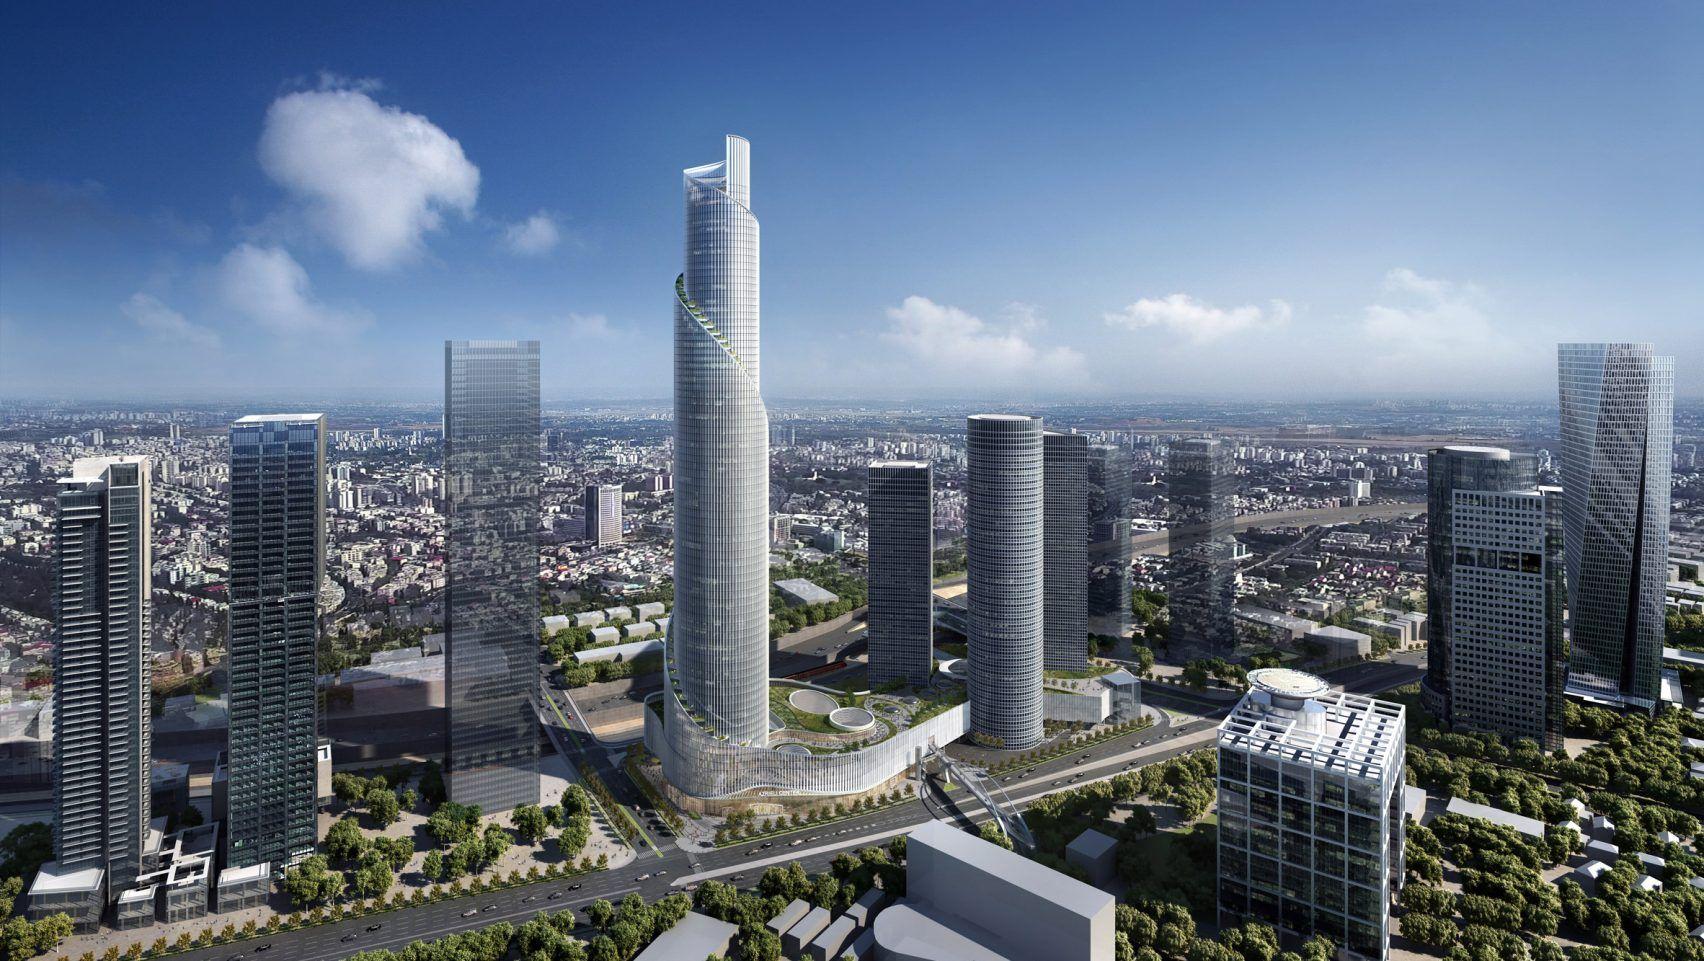 Azrieli Tower By Kpf Tel Aviv L Tallest Building In Israel